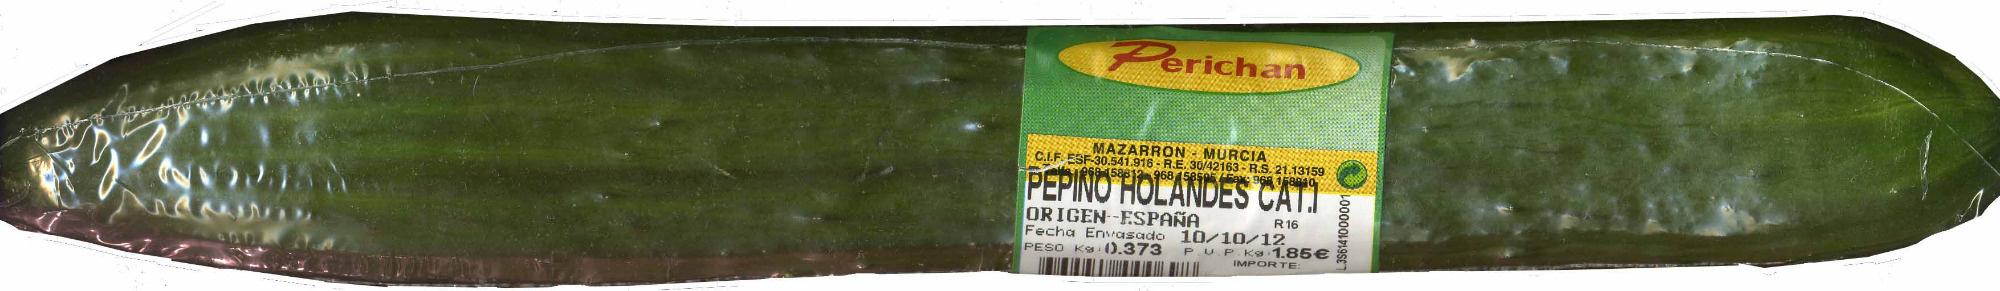 Pepino de tipo holandés - Producte - es